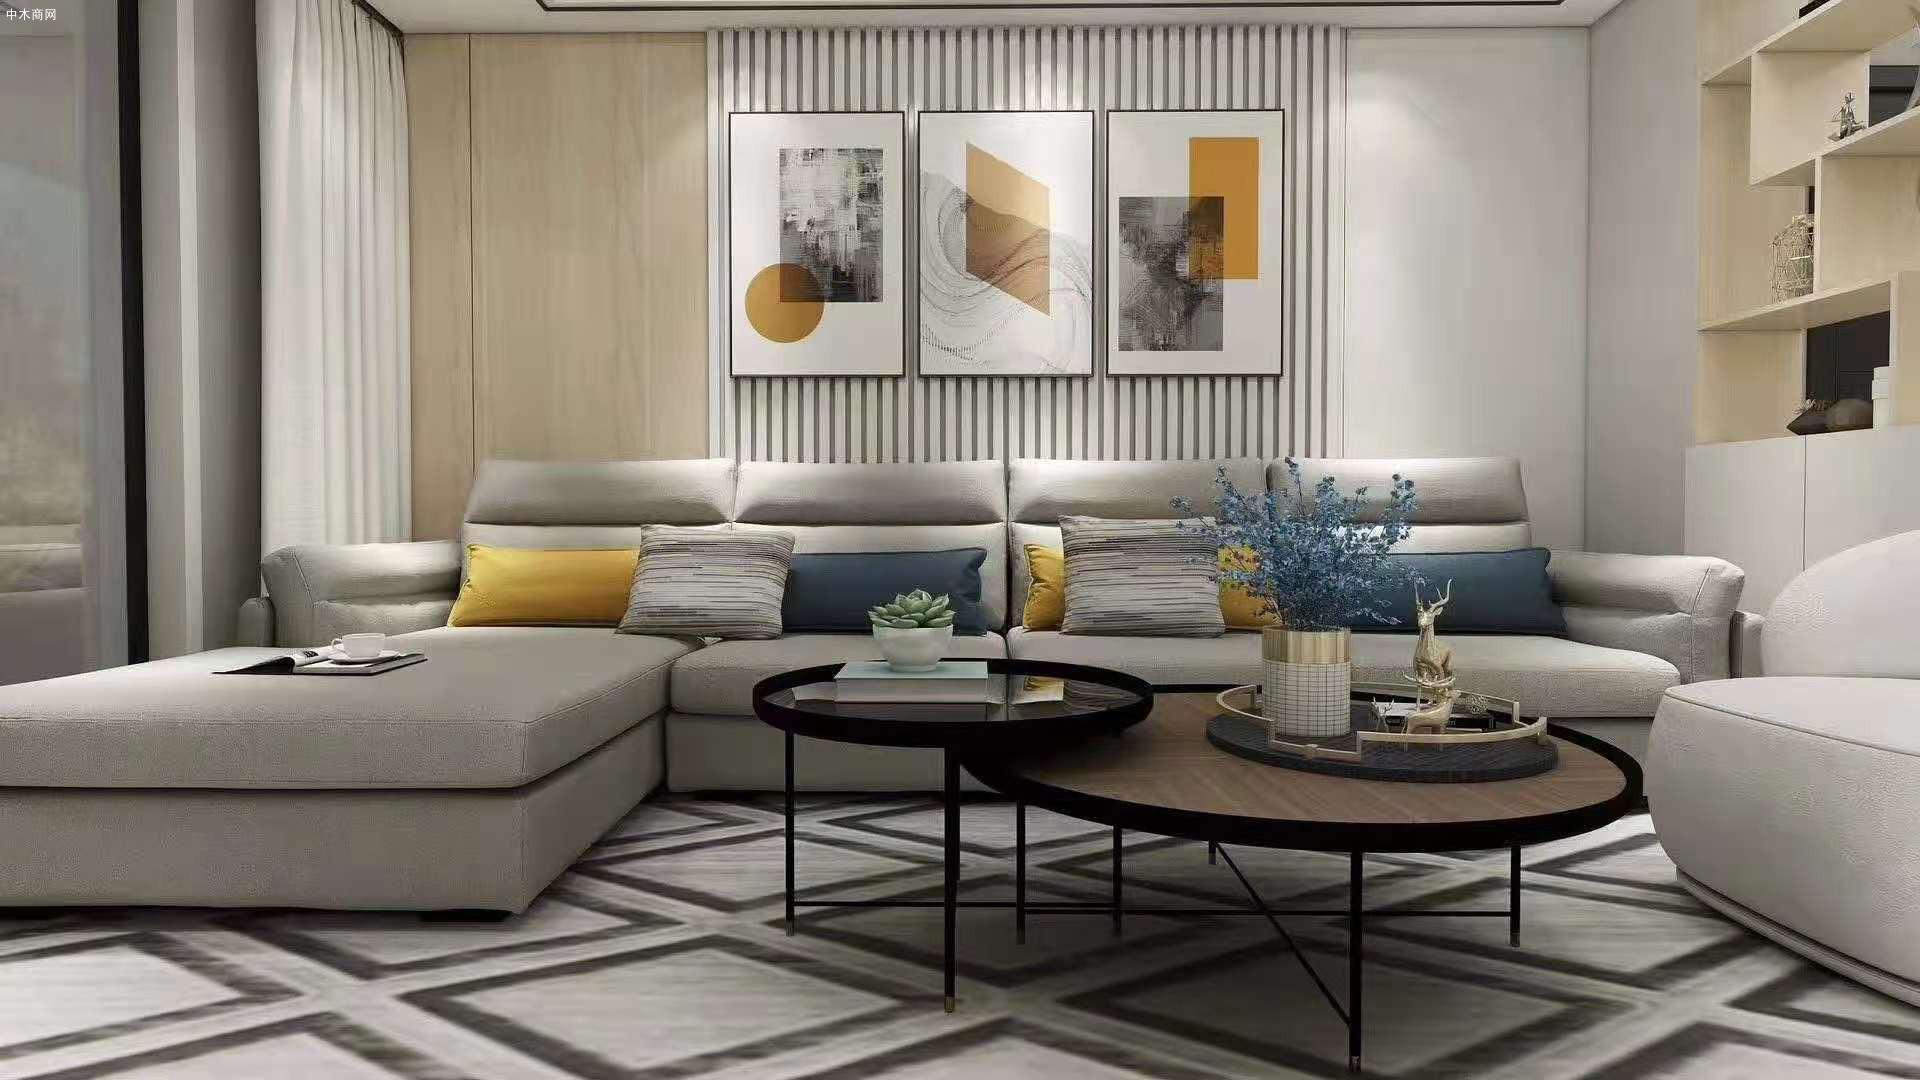 科技布沙发怎么样及价格在多少钱左右图片